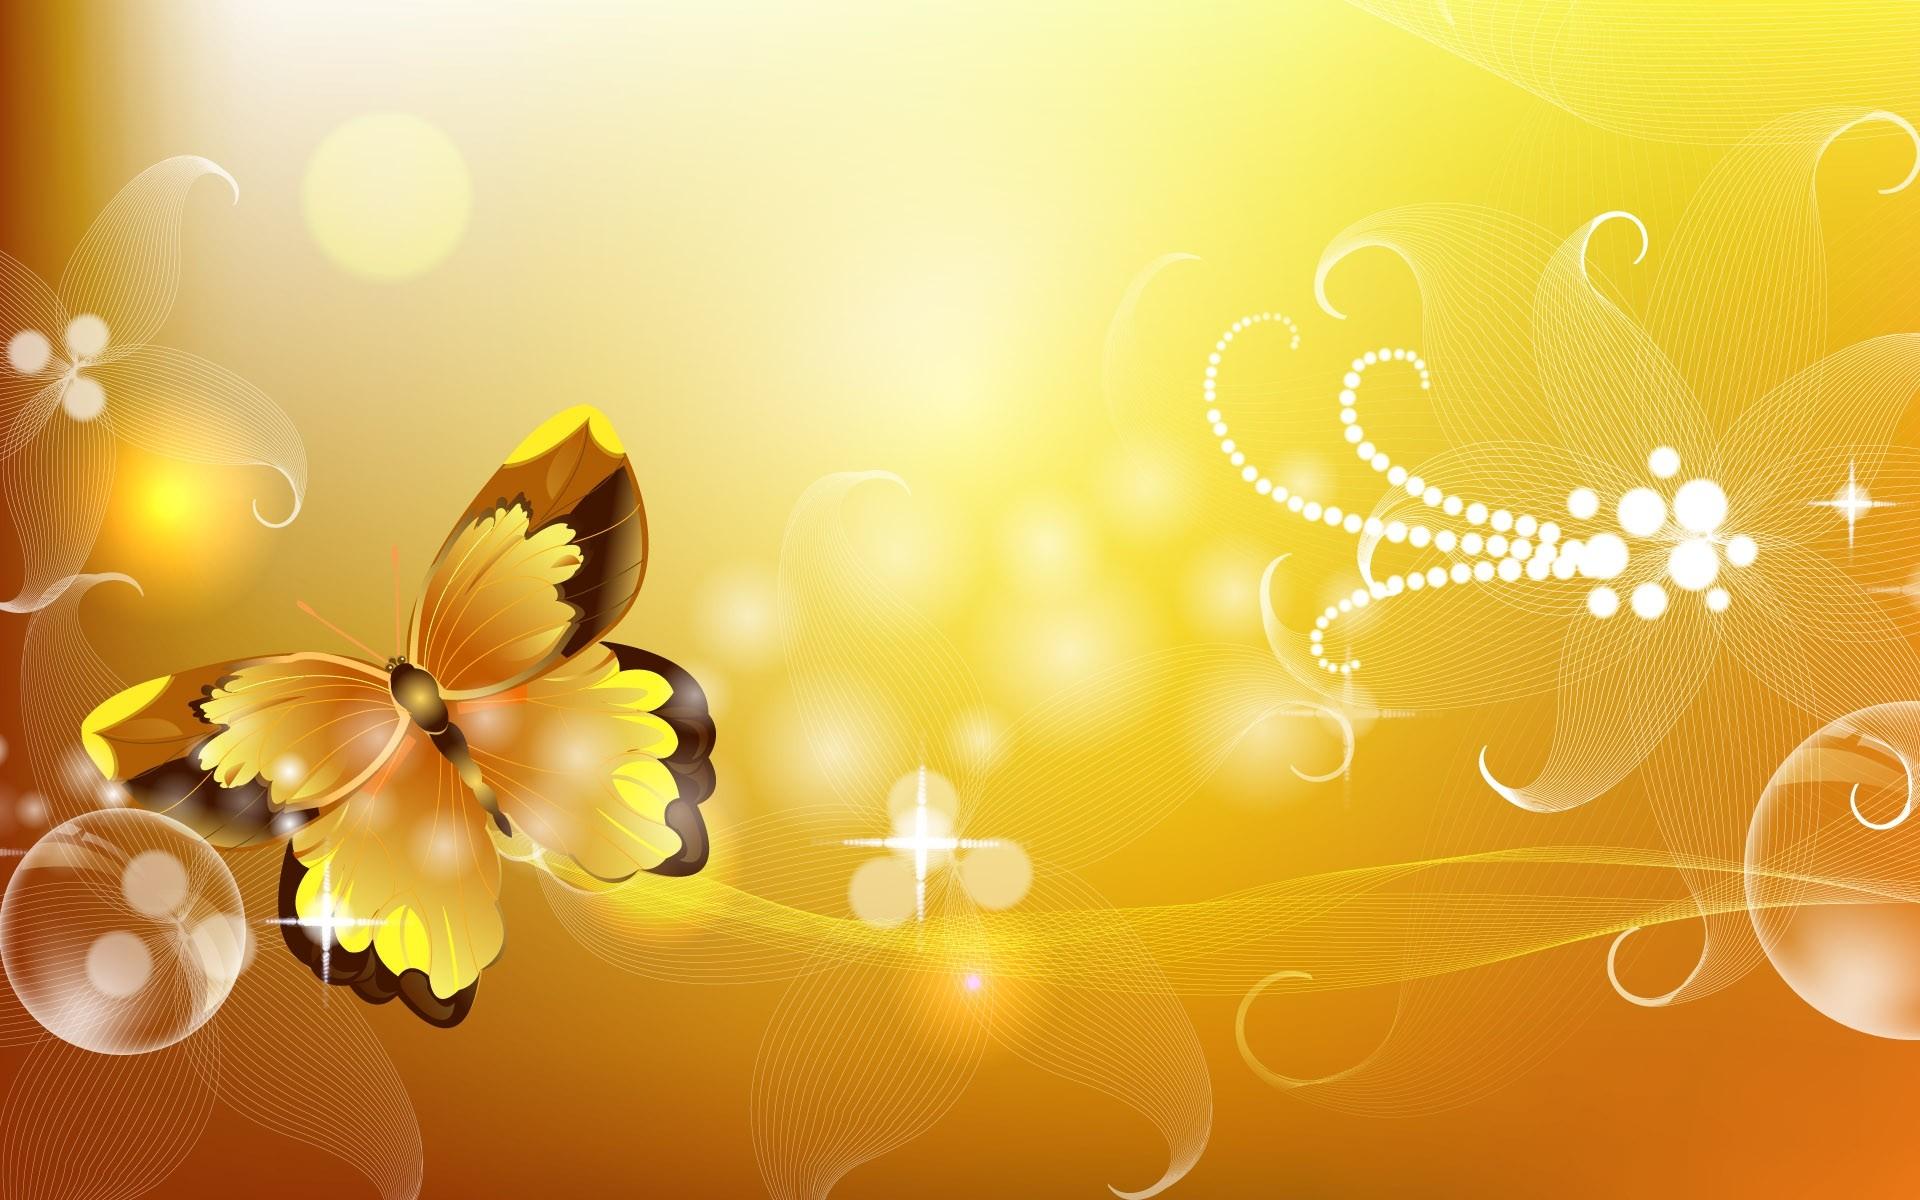 psd исходник на небе радуга сияет и блестит 3 марта 2016 фотошаблоны шаблоны для фотошопа